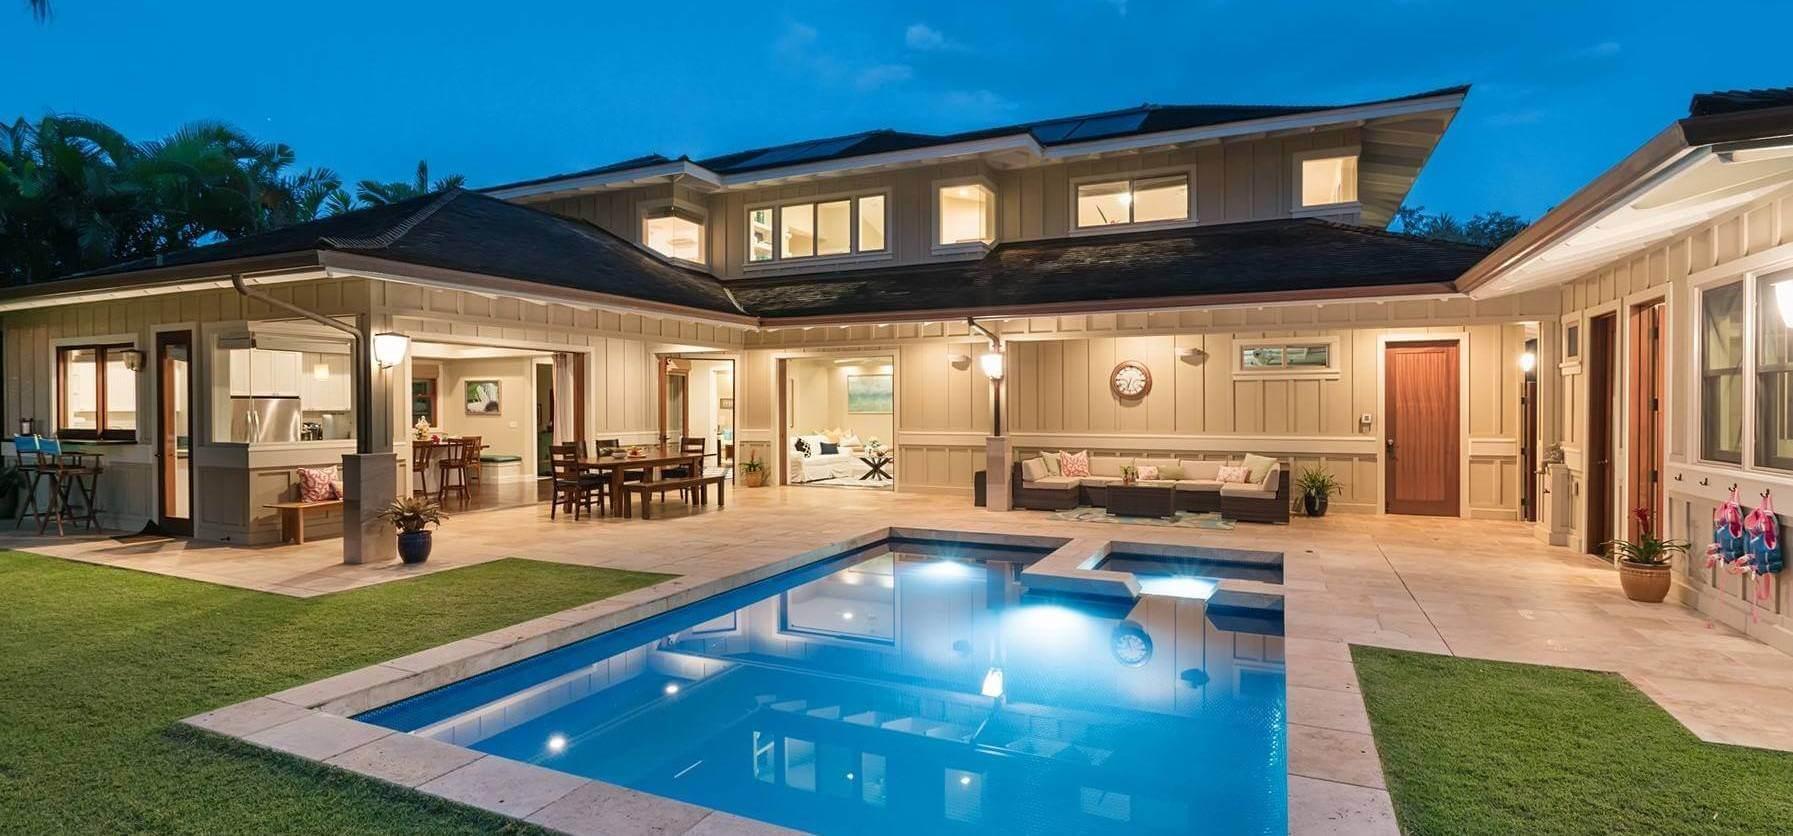 Real Estate Agent Haleiwa